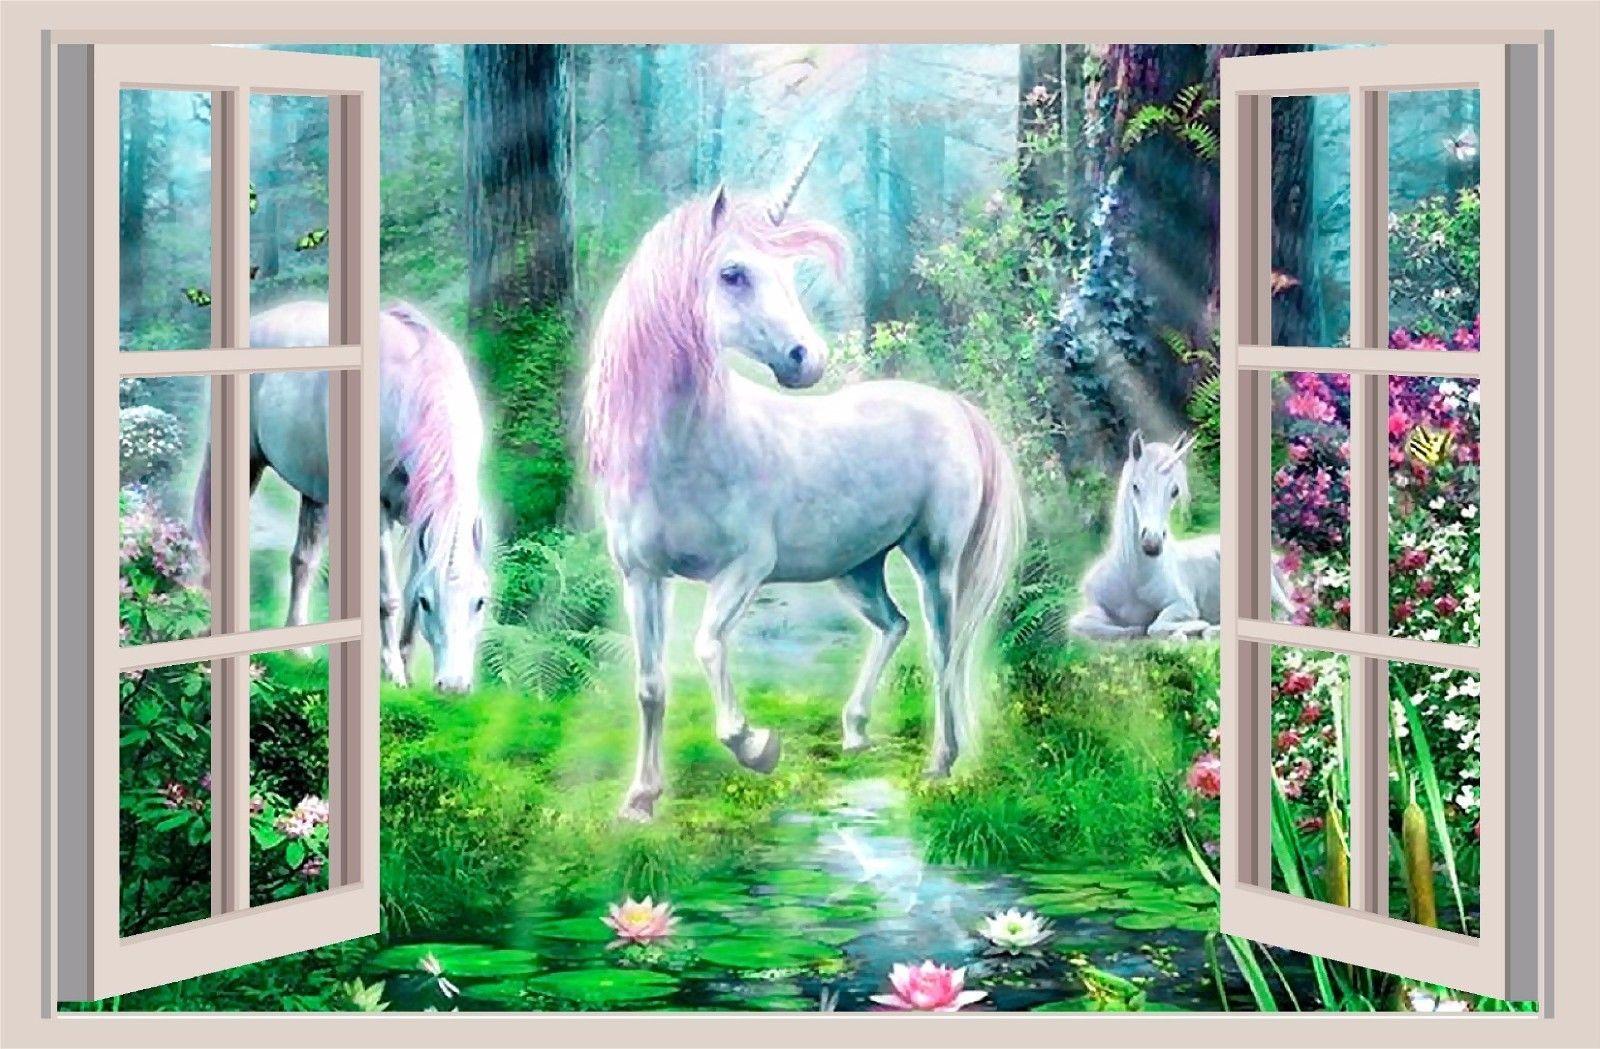 Dark Horse 3D Window Effect Wall Sticker Art Mural Decal